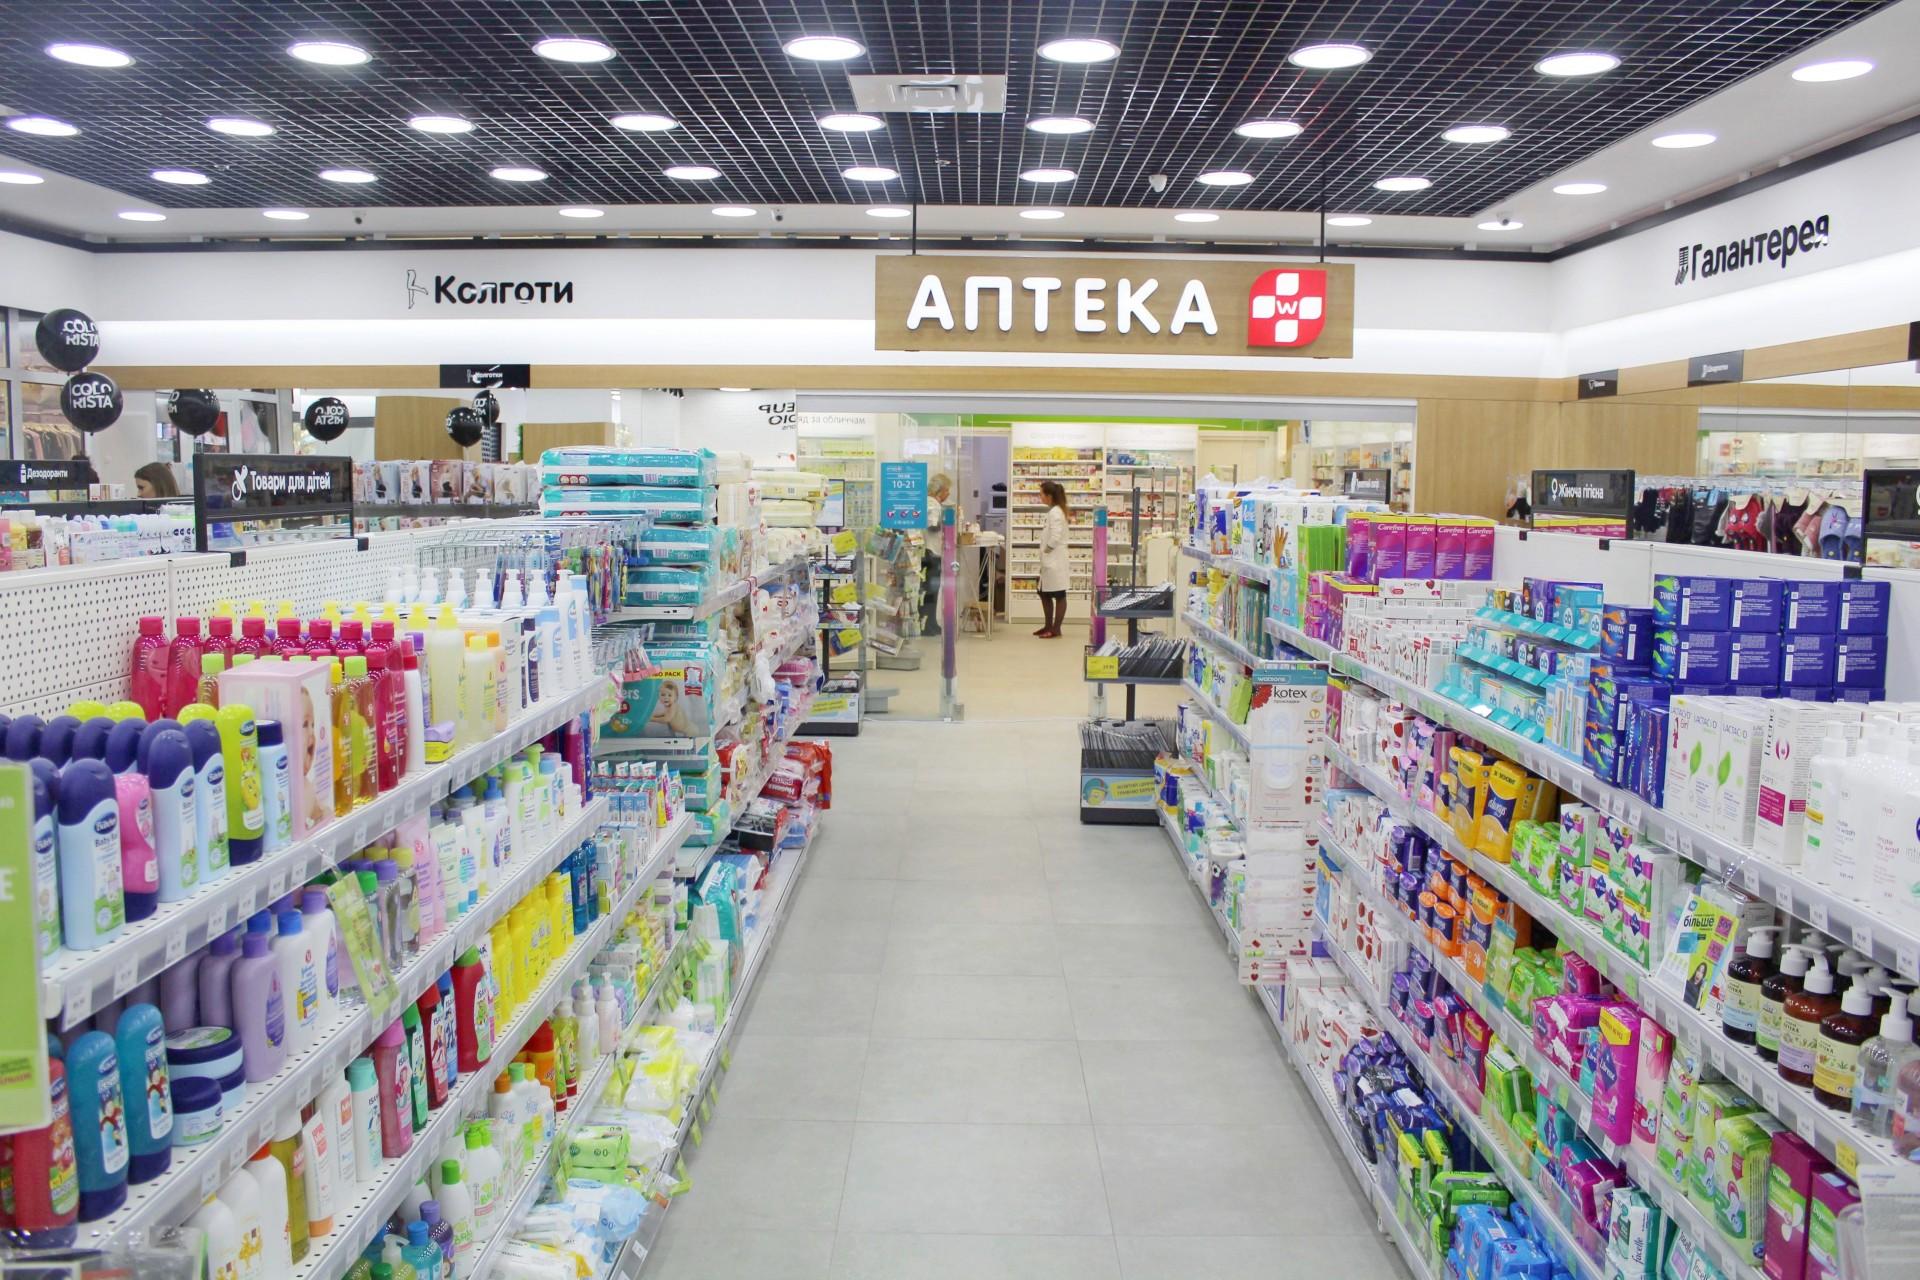 """Так, наприклад, зона дермакосметики """"переїхала"""" з аптеки Watsons,  розташованої поблизу. Значно розширено категорії """"декор"""" та """"догляд за  тілом"""", ... 2b9f0477199"""